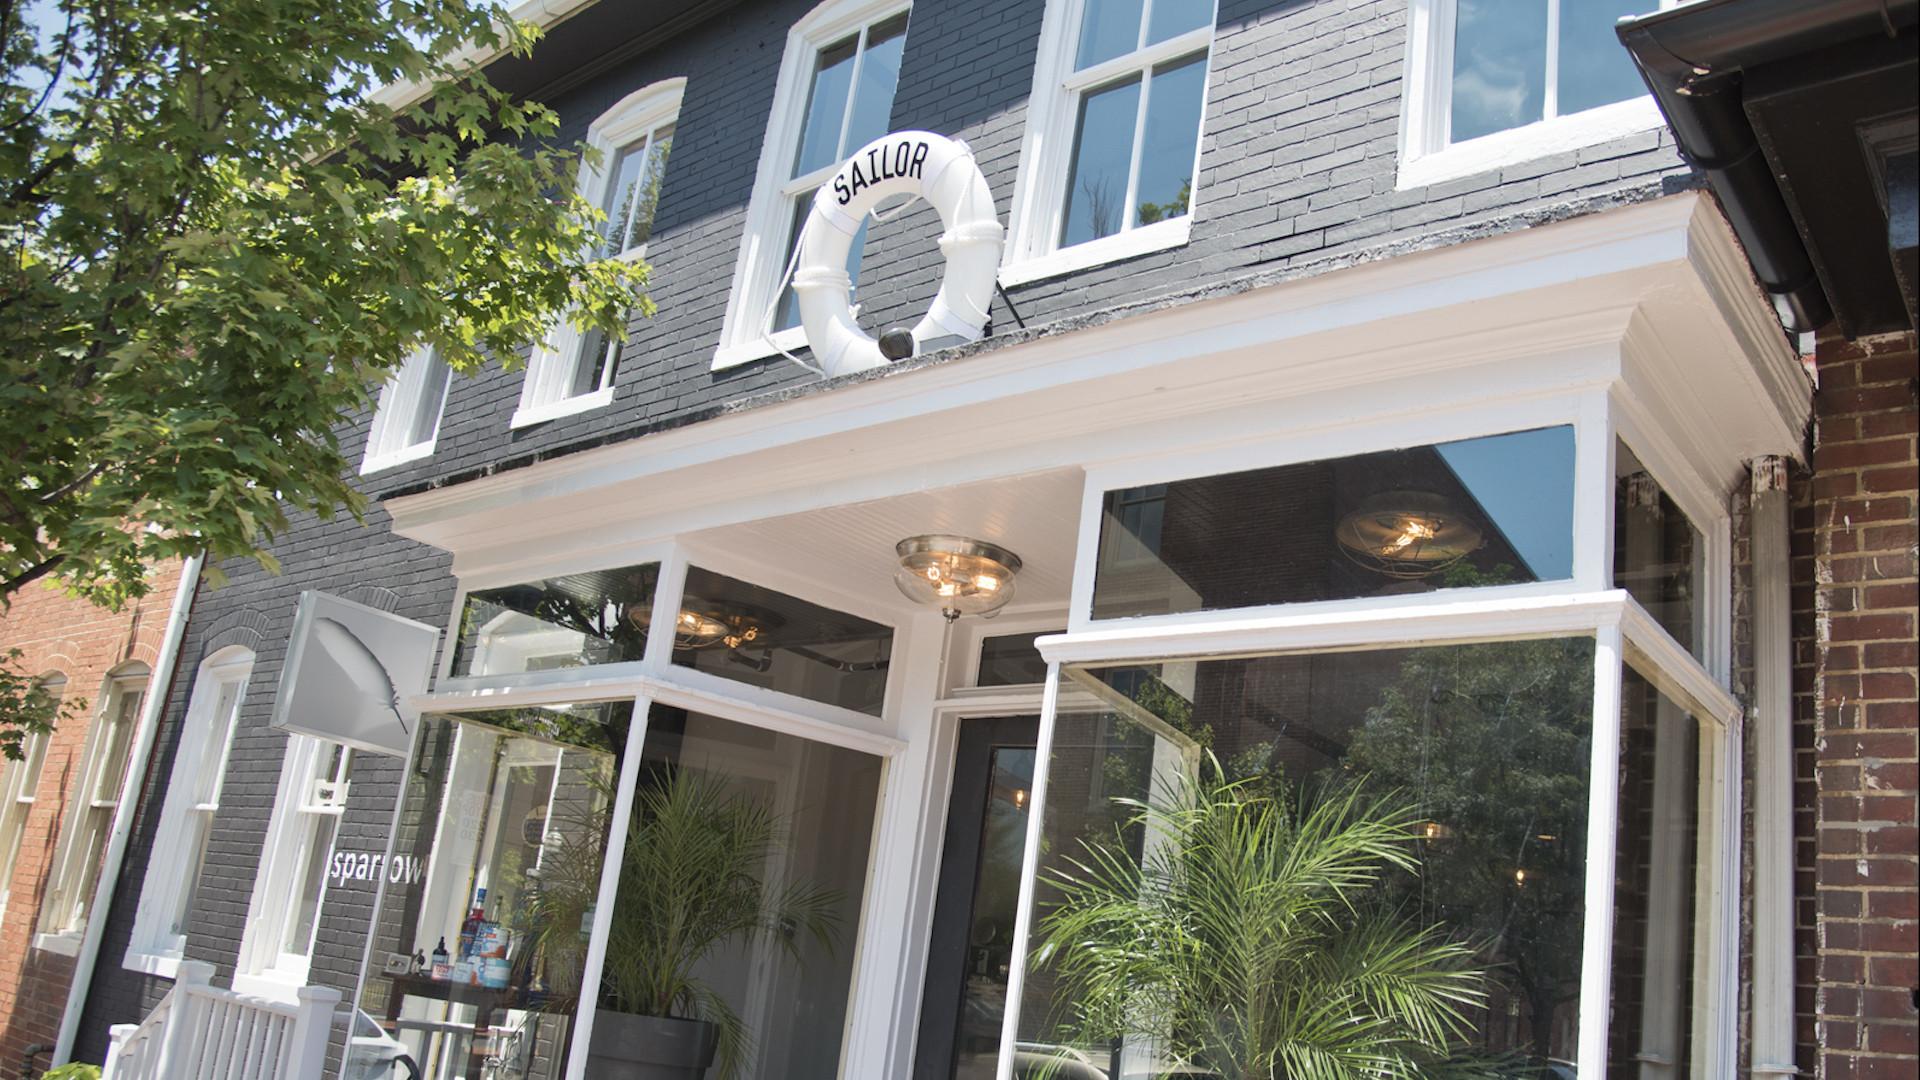 Sailor Oyster Bar - Baltimore Sun